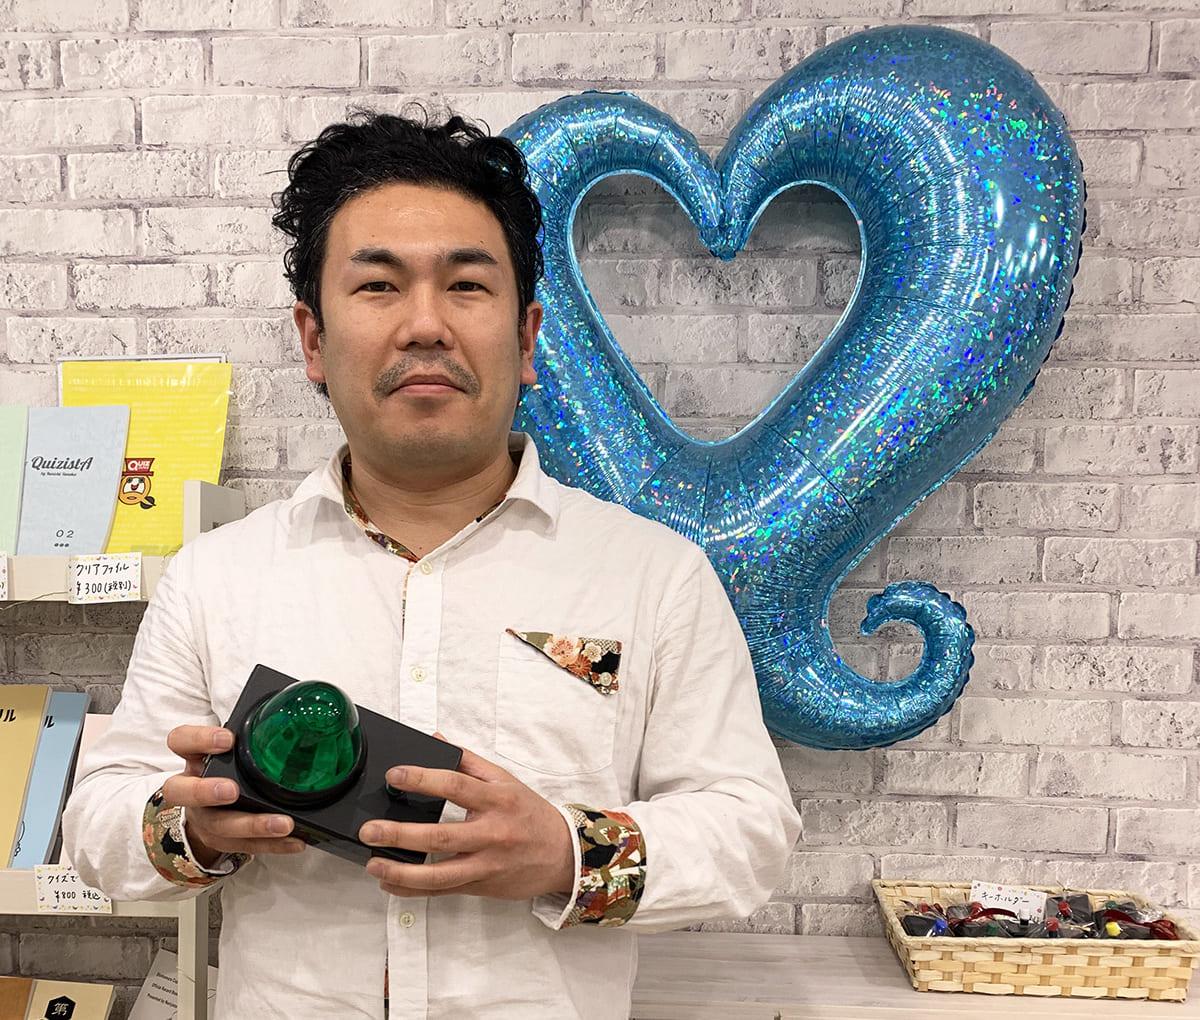 イントロクイズがストリーミング時代の音楽を面白くする 藤田太郎インタビュー